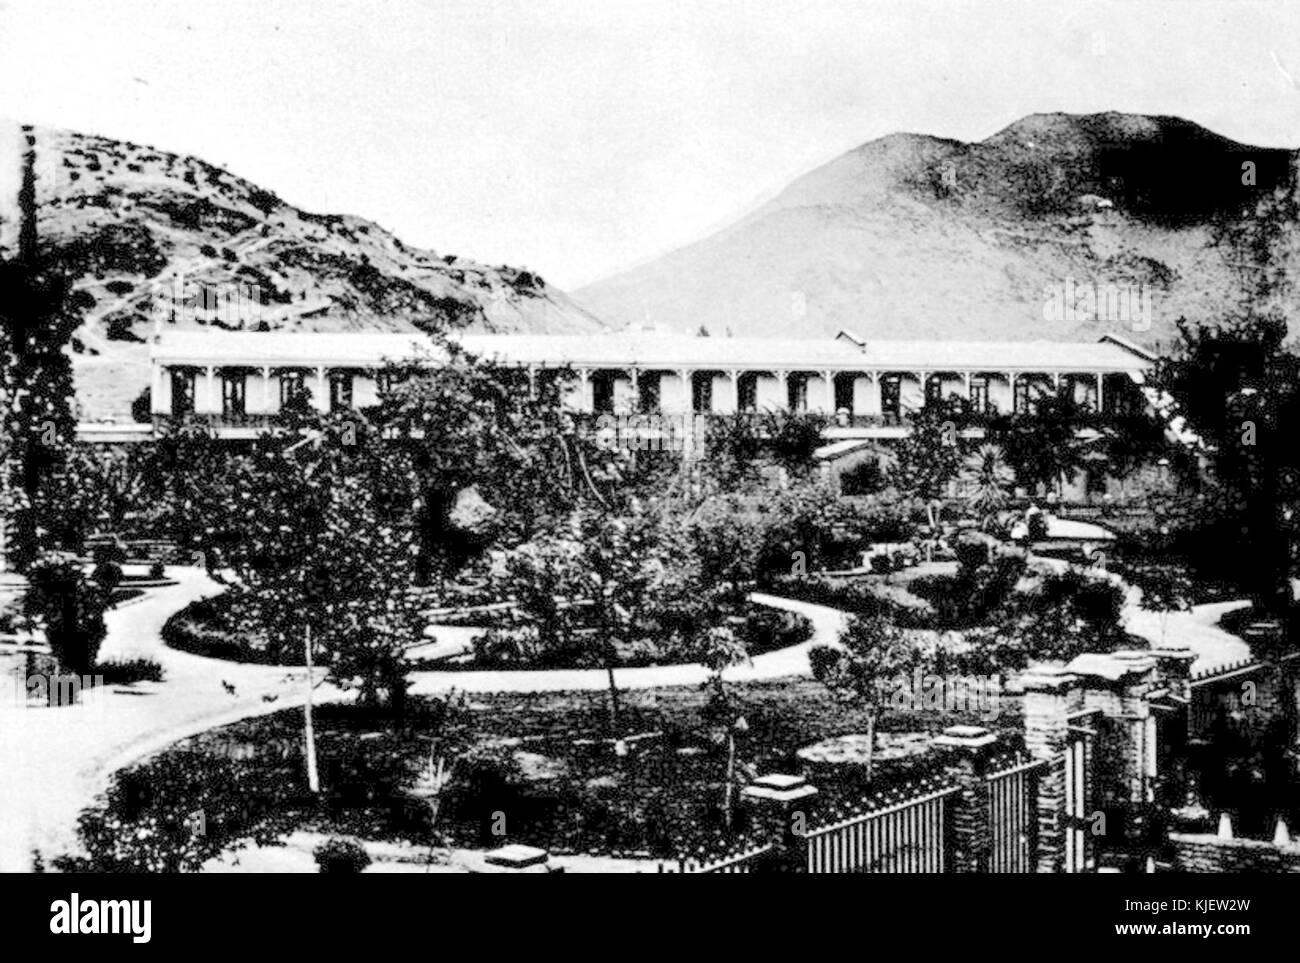 Casa de Orates Pabellon observacion de Hombres 1903 - Stock Image